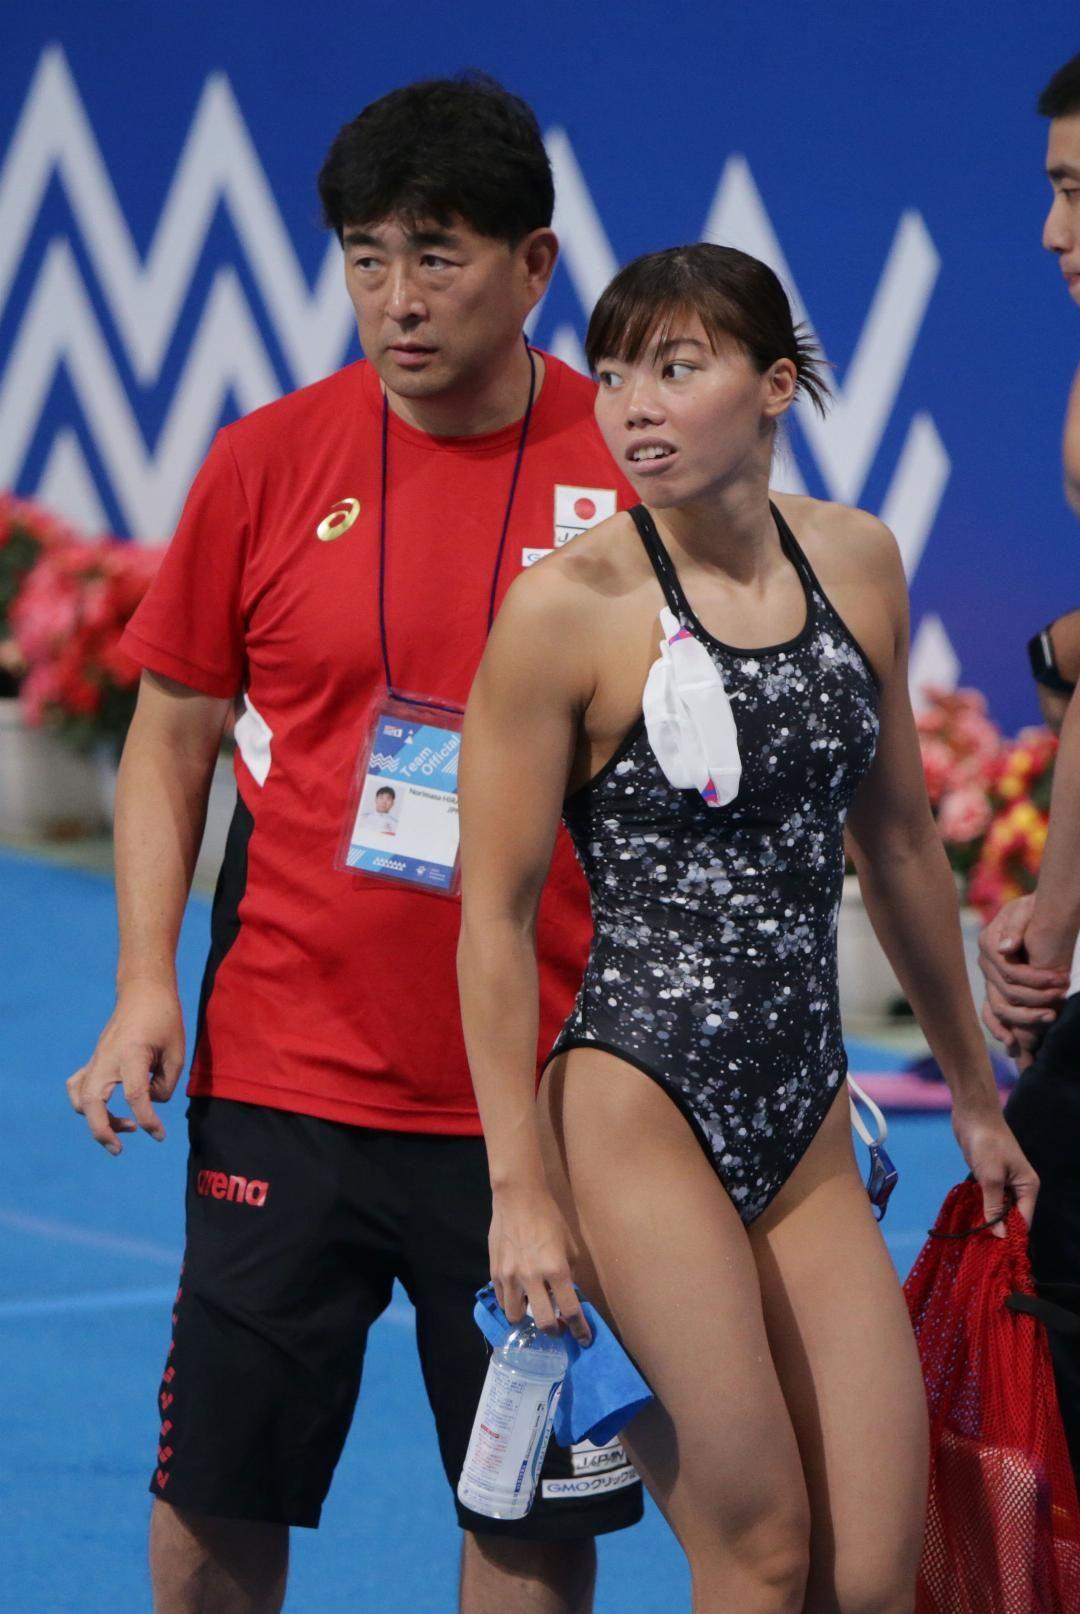 競泳 ジャパン オープン